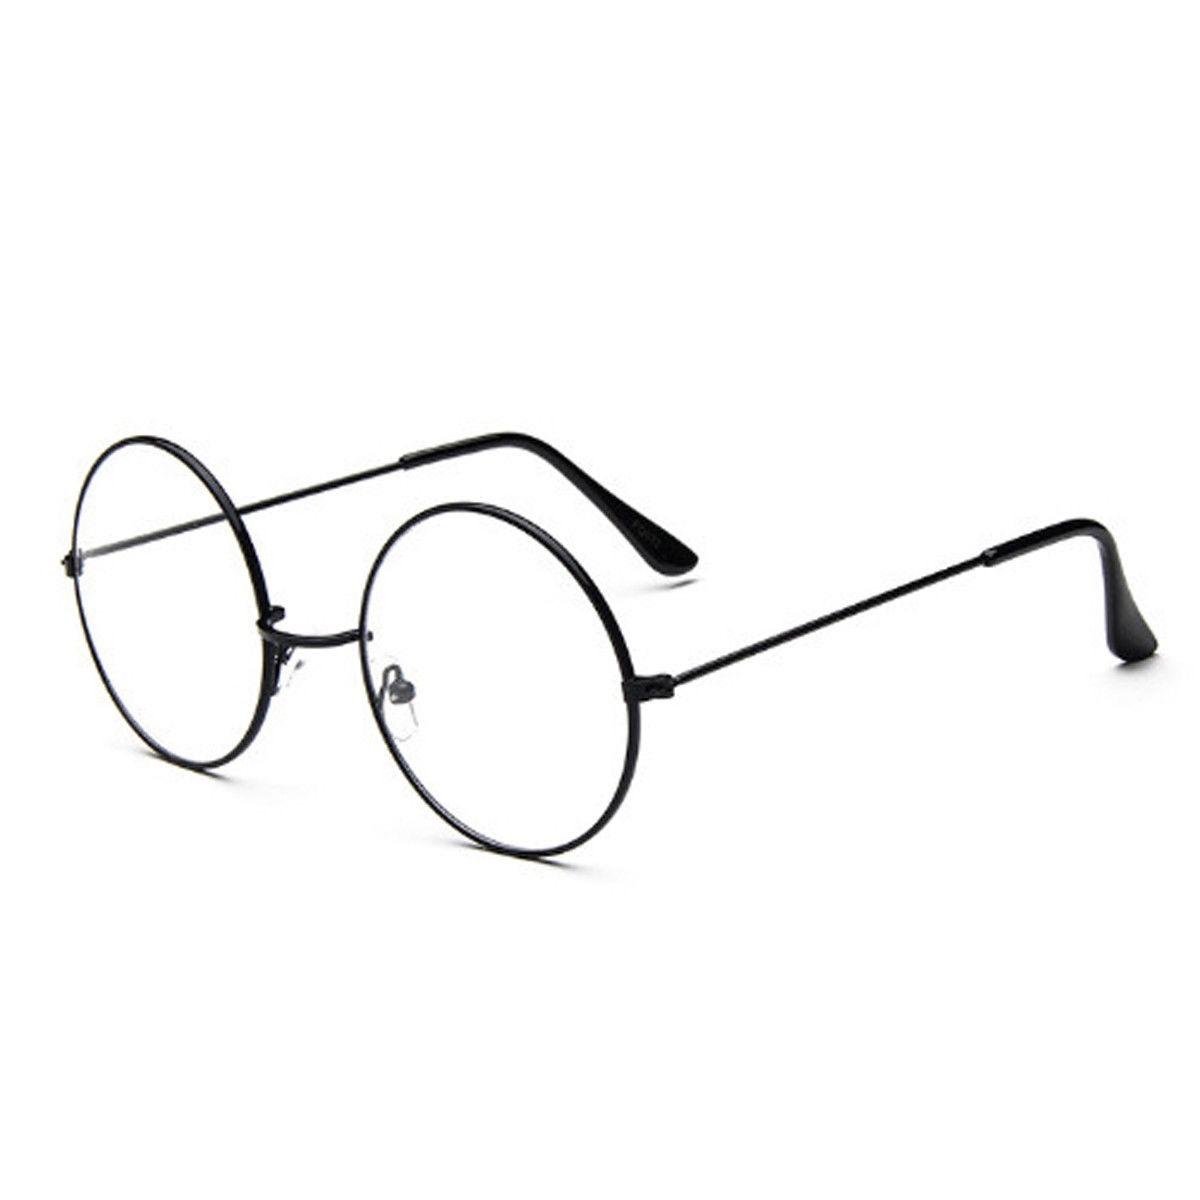 651e7564f6b79 óculos redondo grau armação grande retro vintage. Carregando zoom.